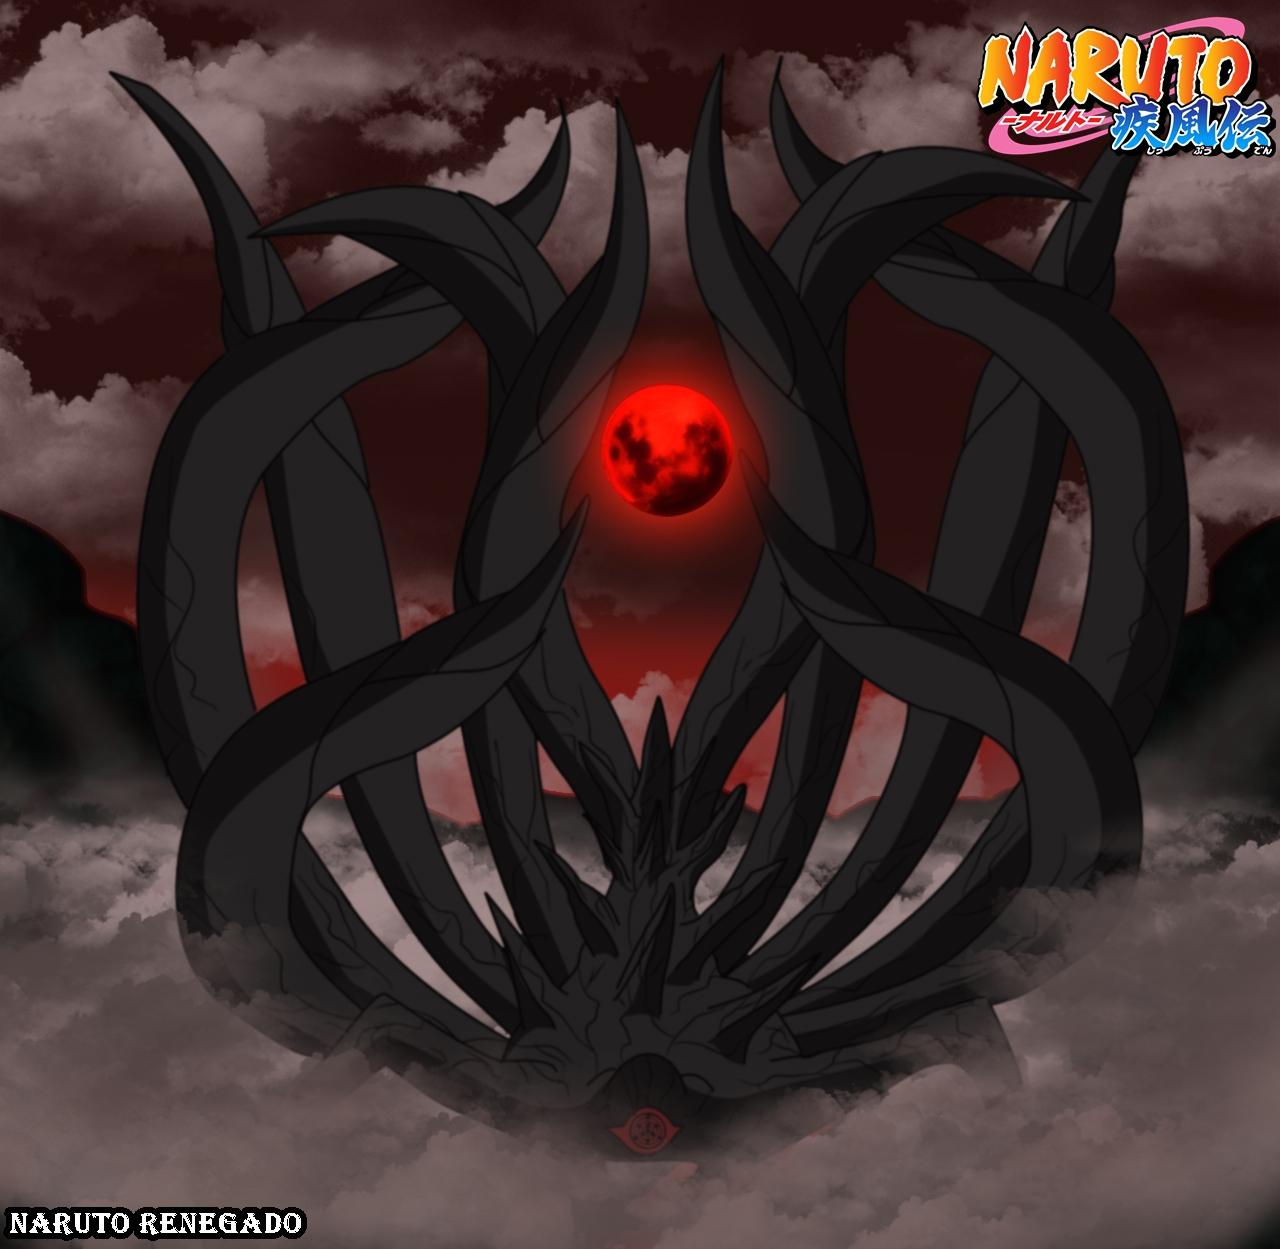 Naruto Juubi